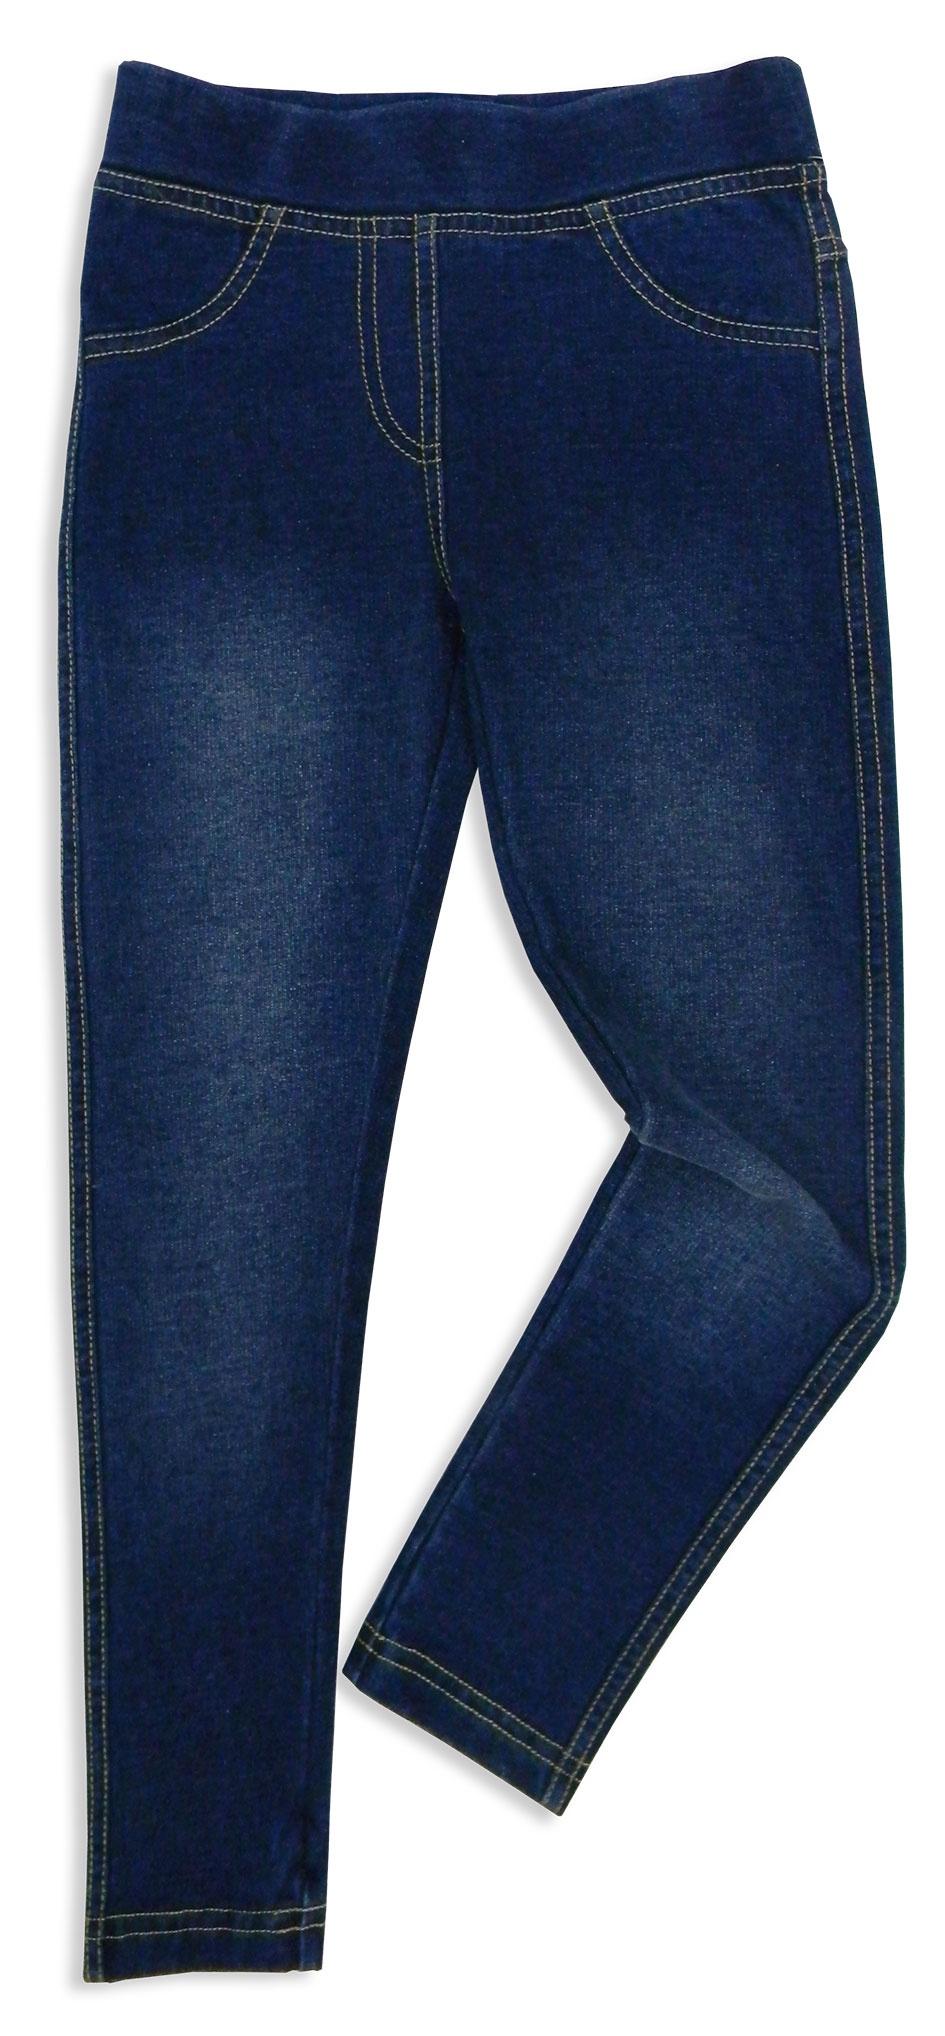 Джинсы Me&We брюки джинсы и штанишки s'cool брюки для девочки hip hop 174059